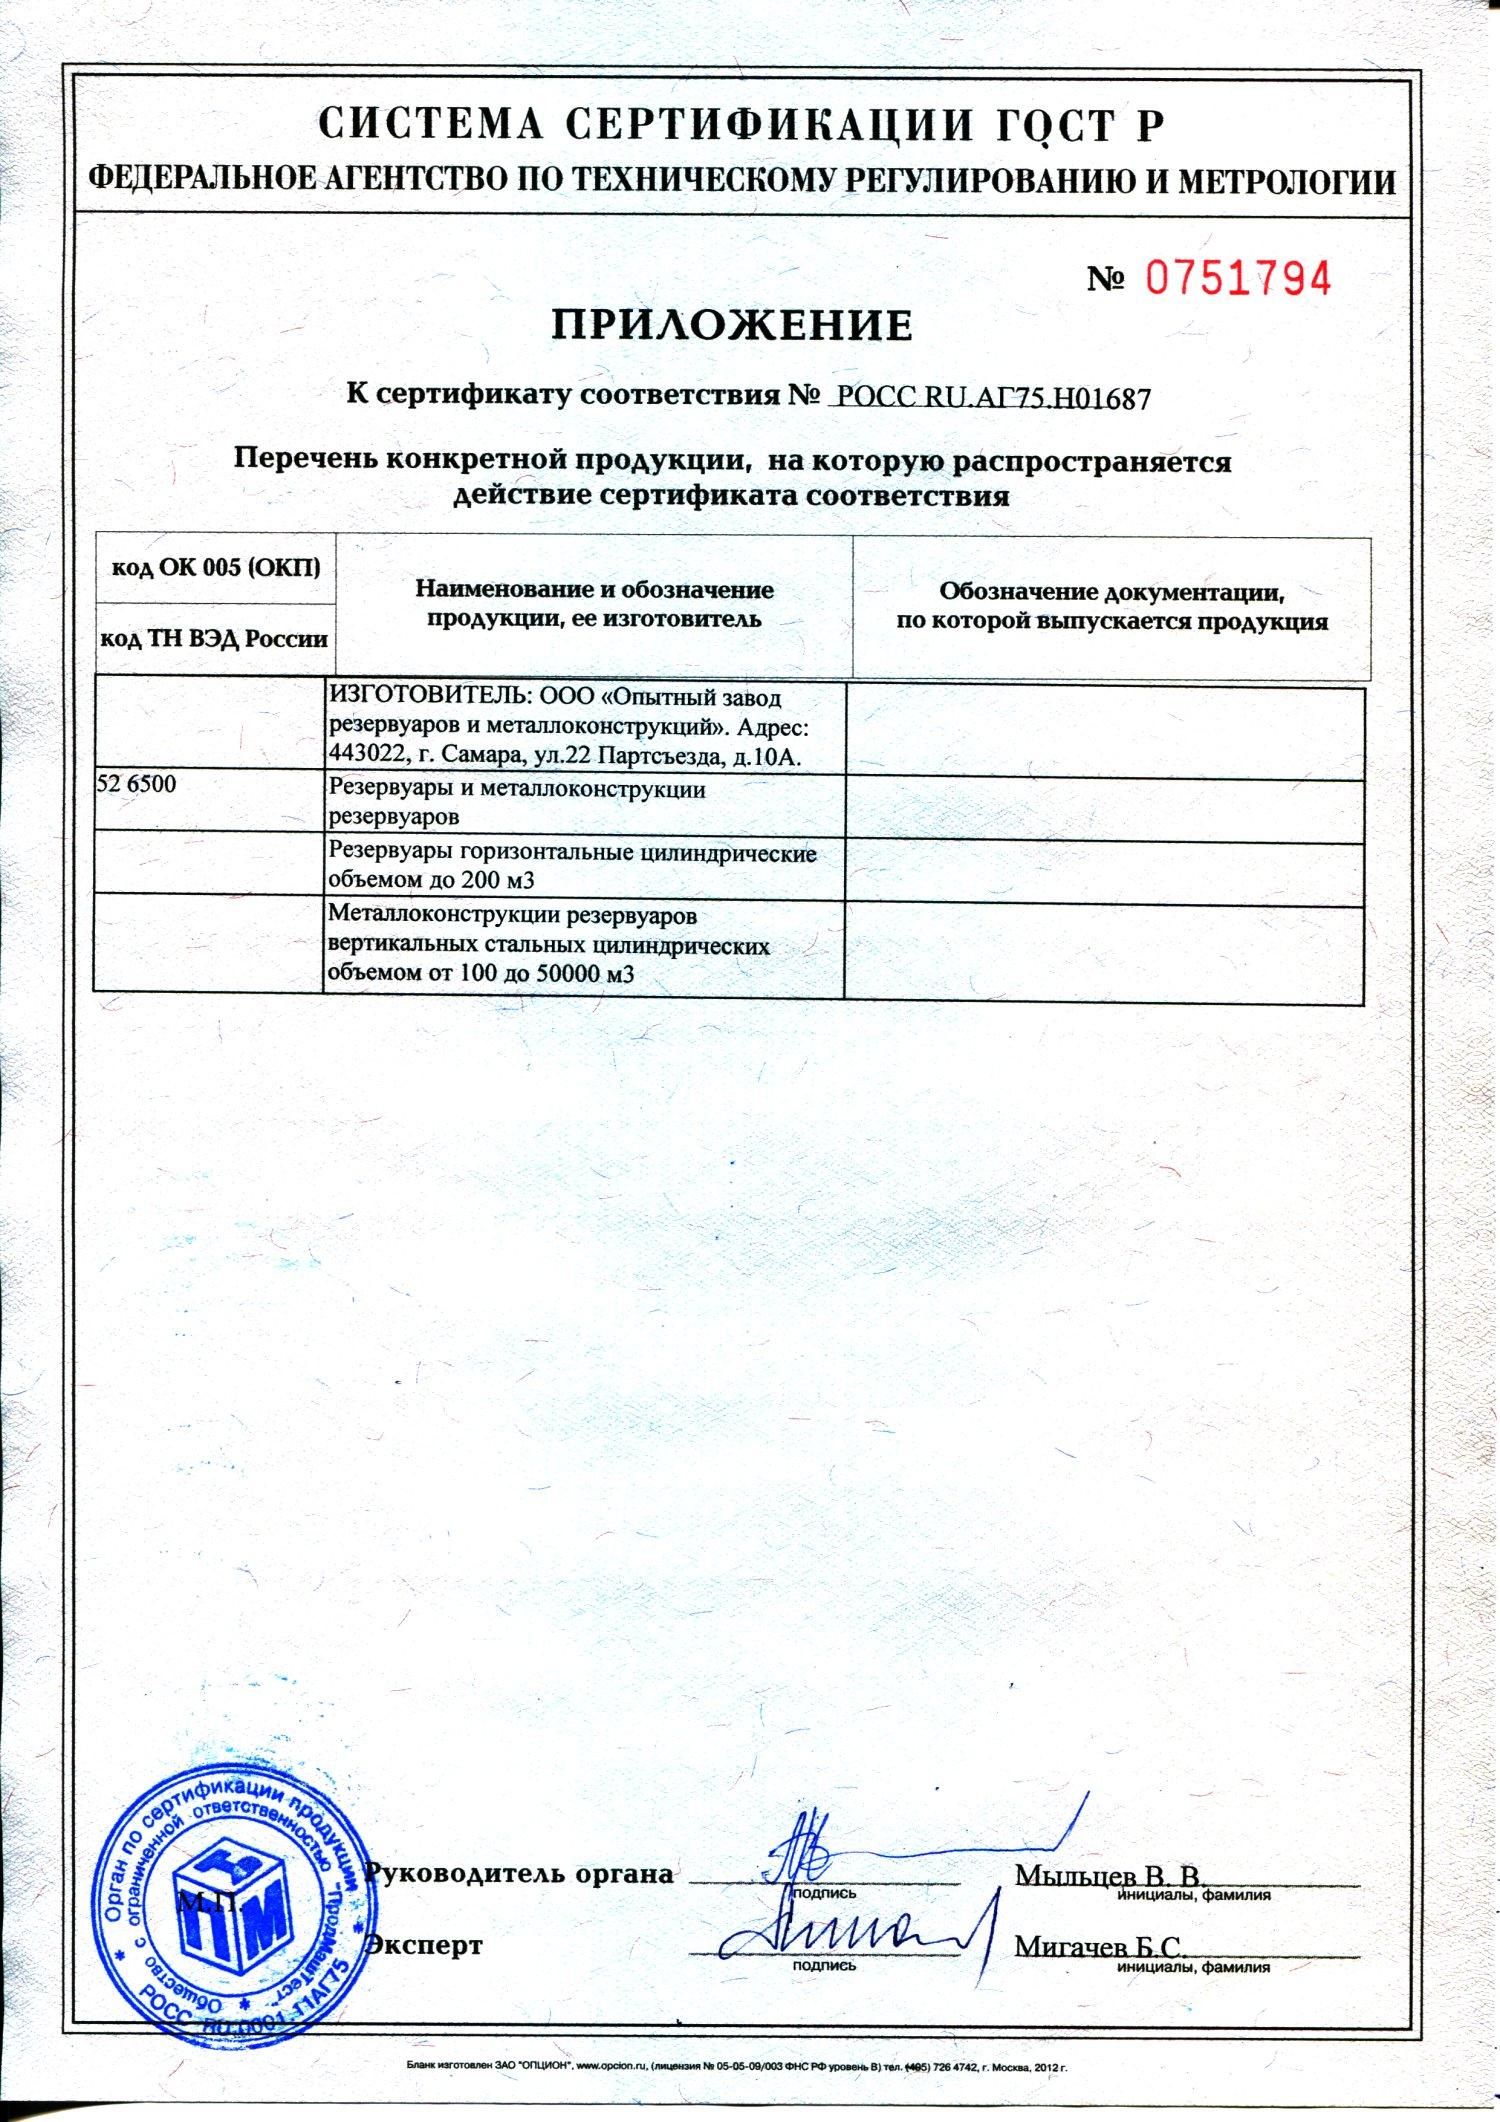 Сертификат на резервуары и металлоконструкции резервуаров (приложение)